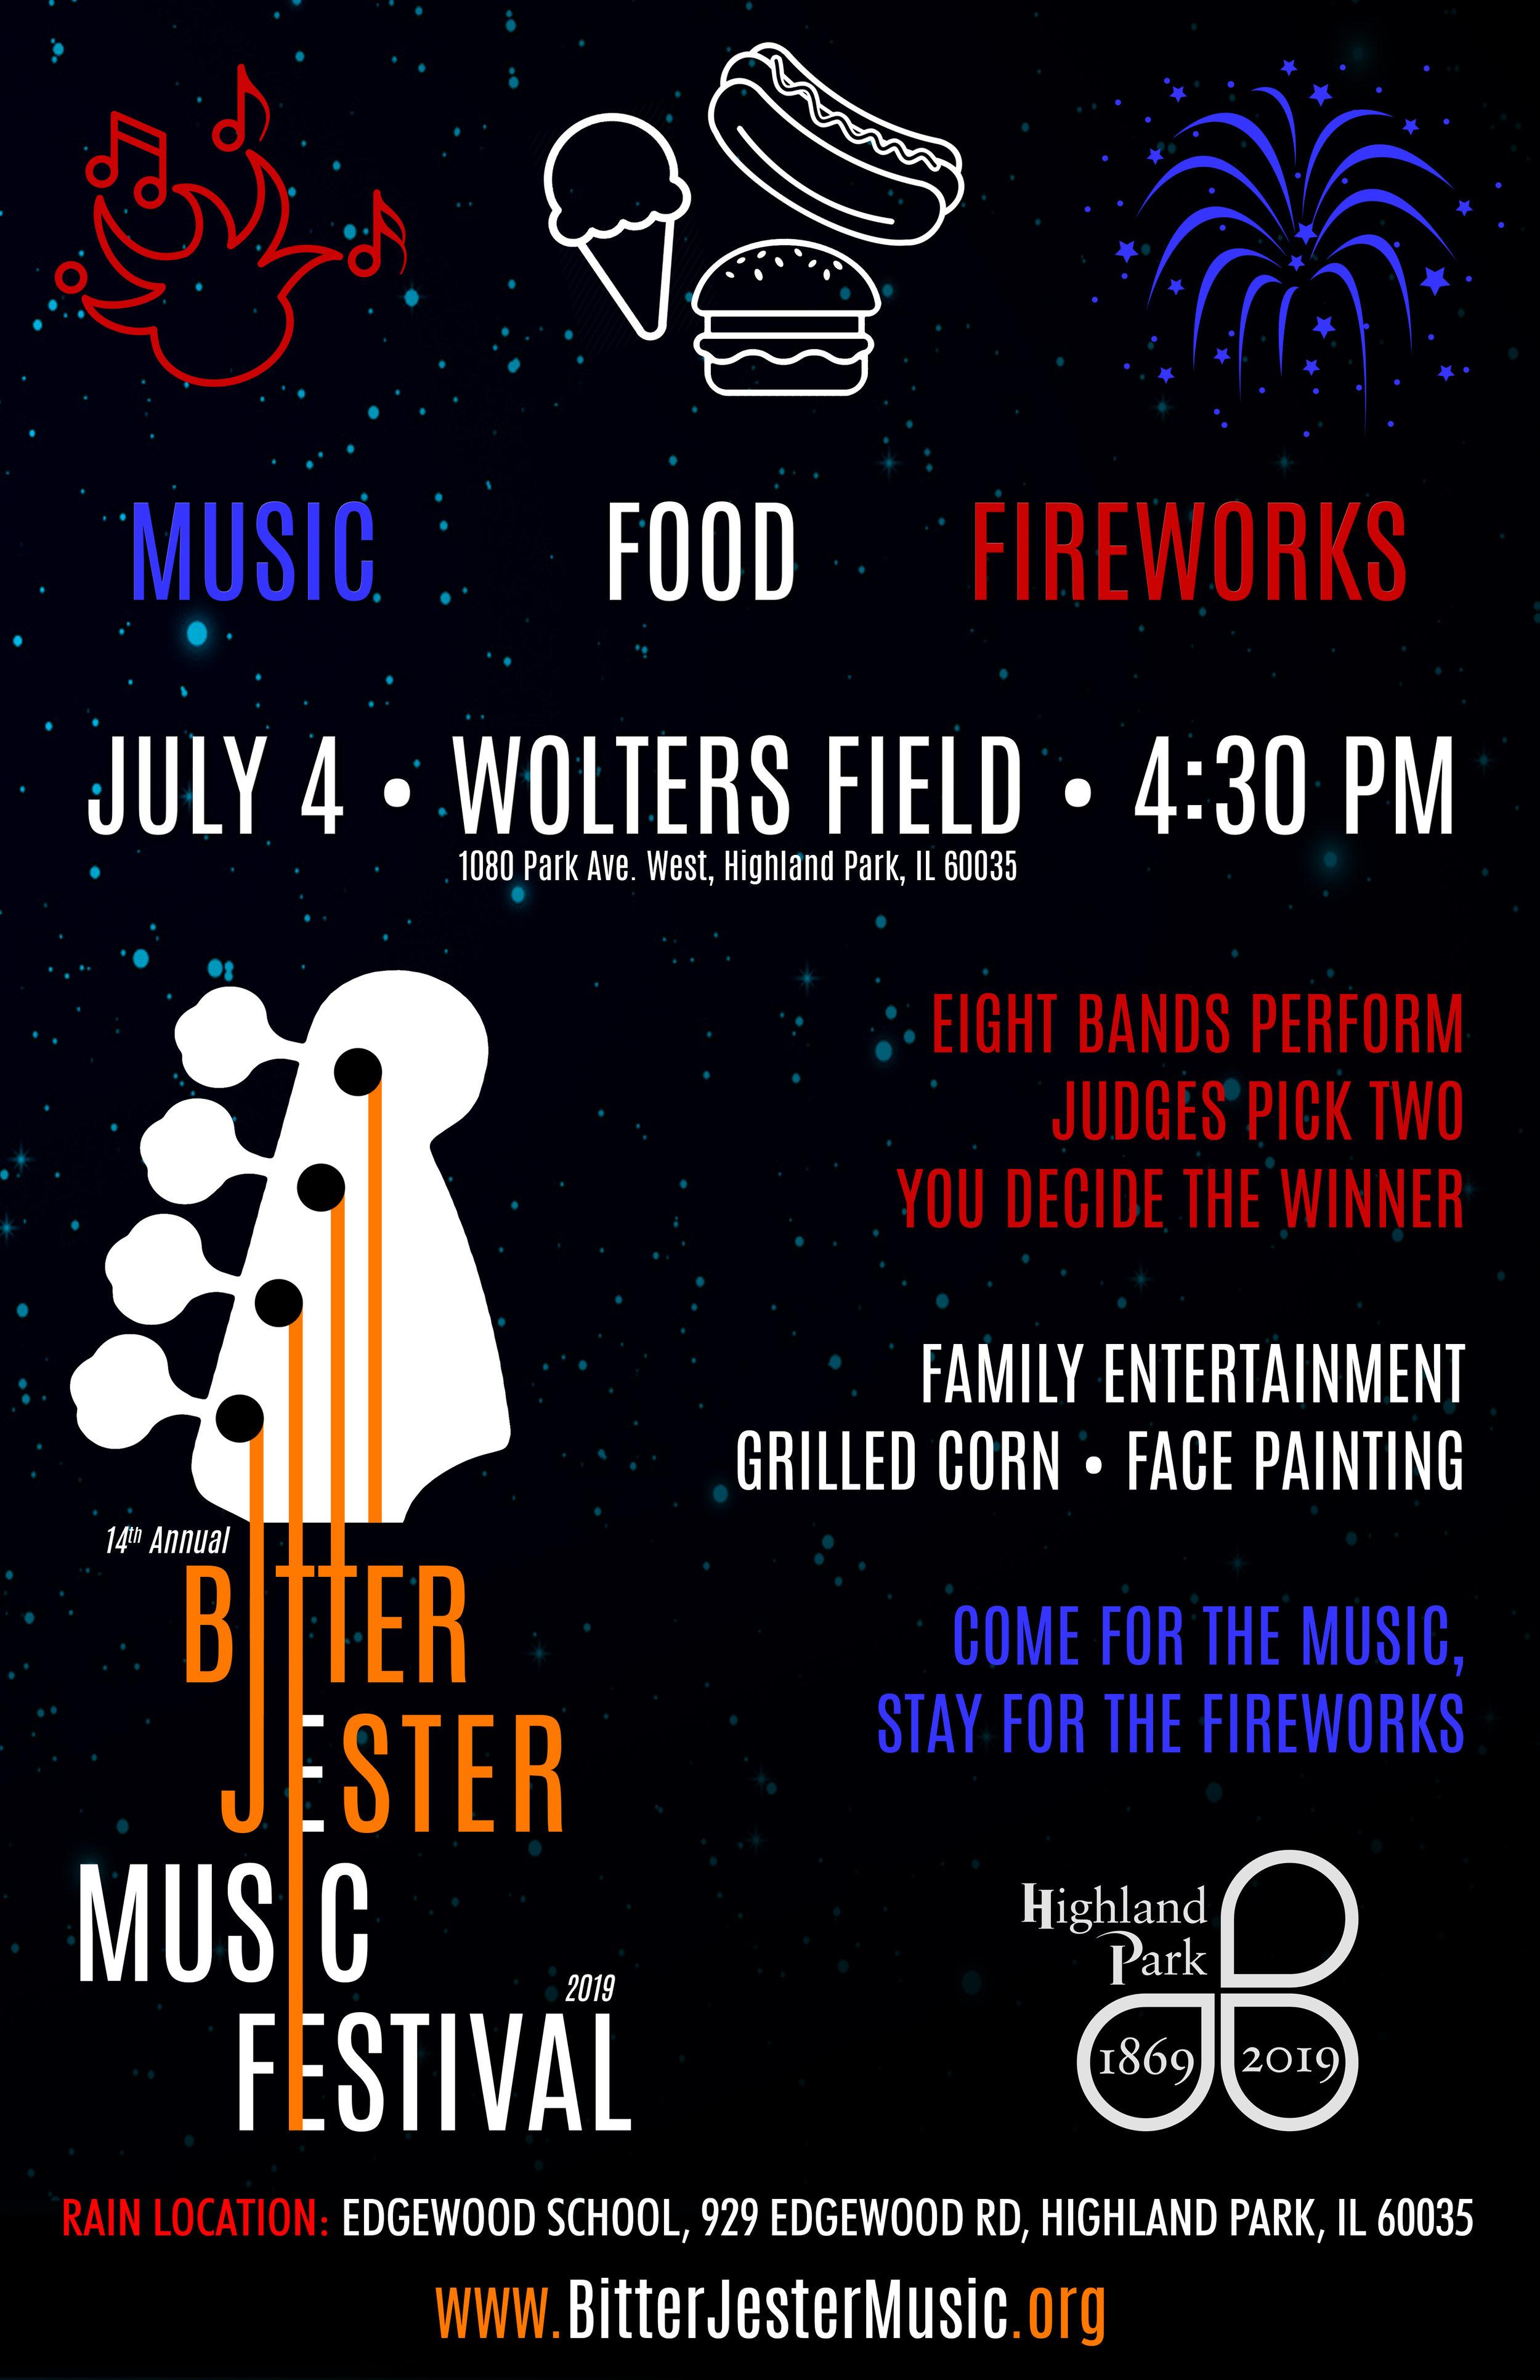 Food-Music-Fireworks_2019 v4_JULY 4.jpg